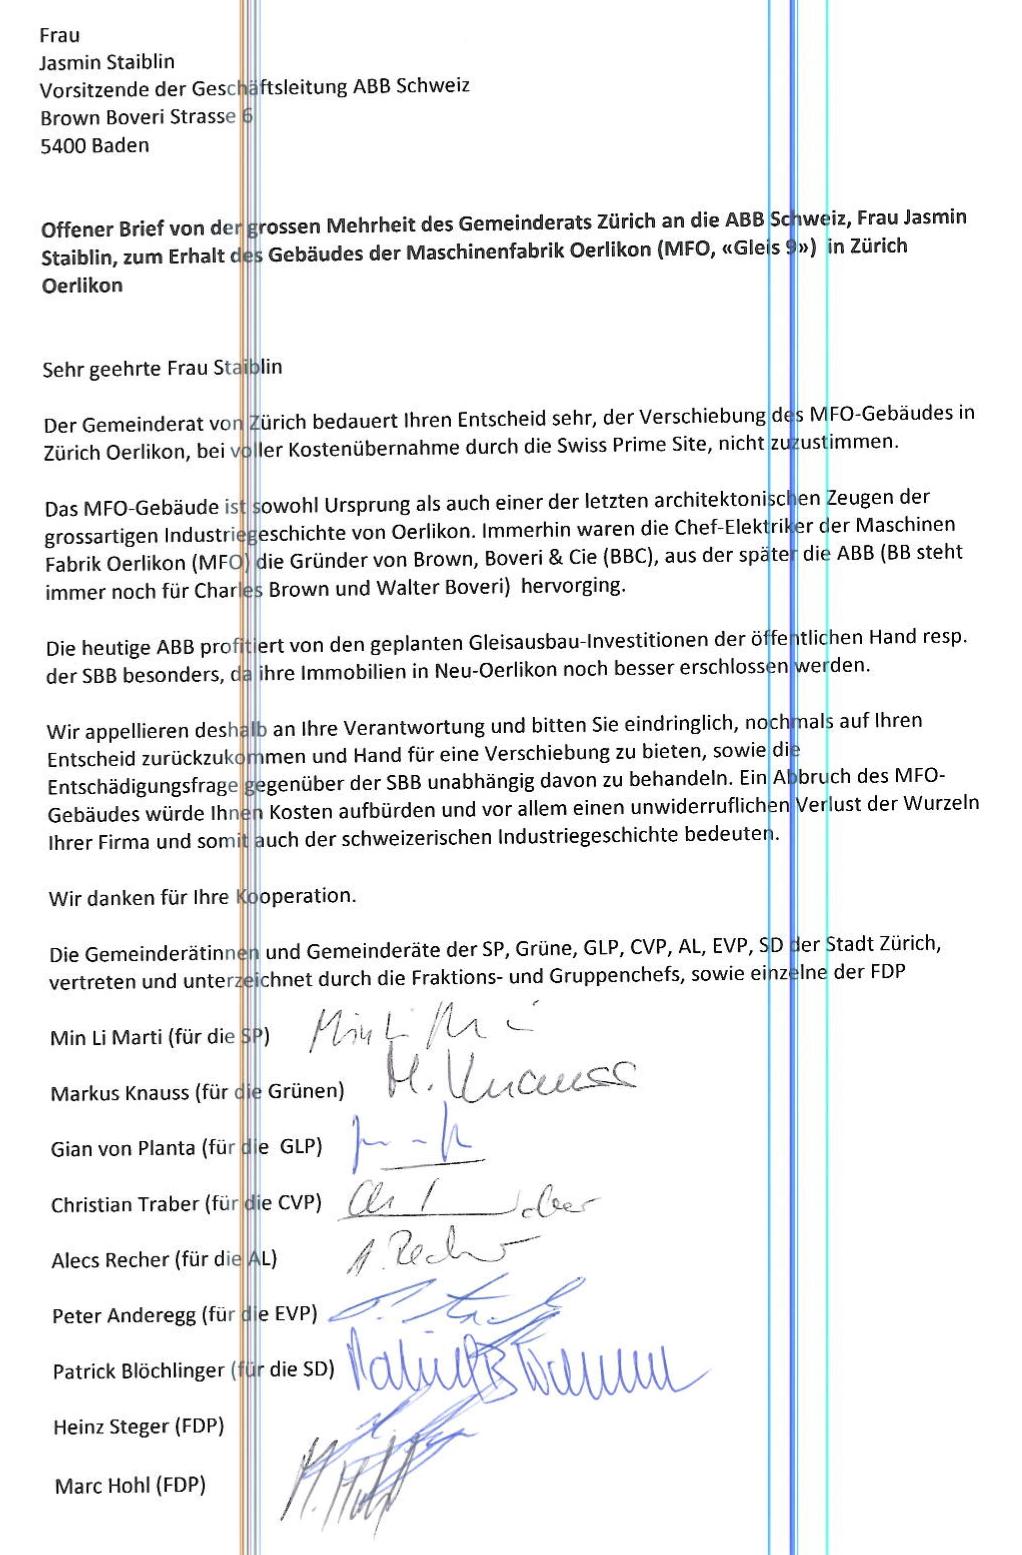 Offener Brief des Gemeinderats ZH an die ABB-Chefin: Aufruf Zustimmung zur verschiebung des MFO-Gebäudes